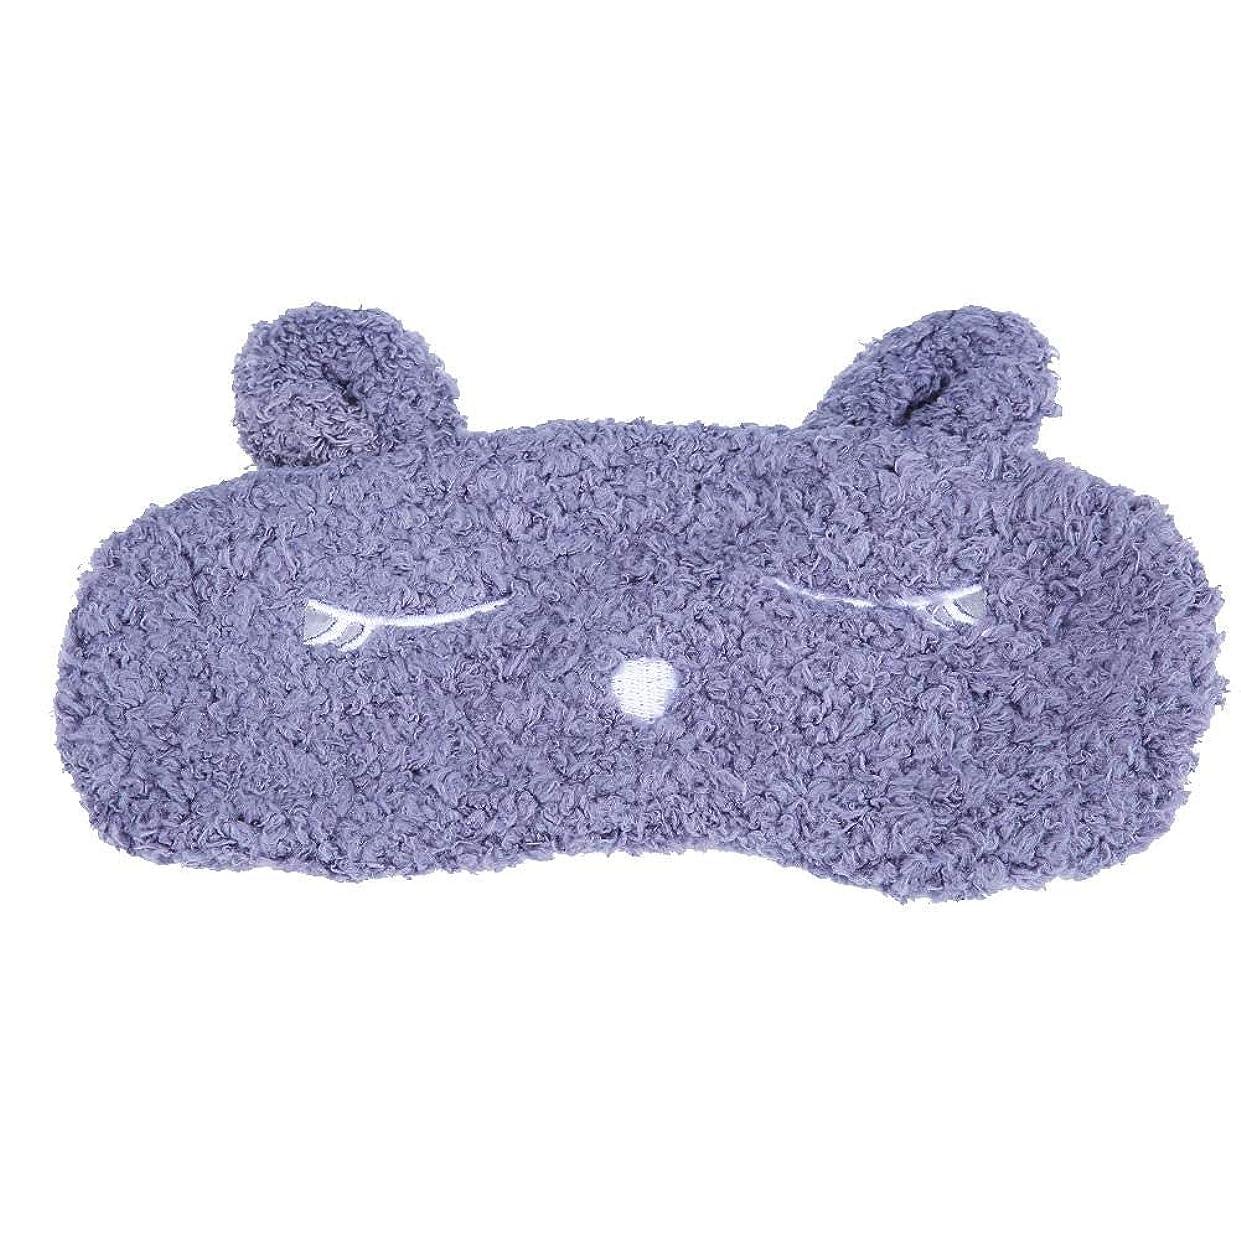 労働中止しますルームNOTE アイカバー睡眠マスクアイパッチ旅行目隠しシールド睡眠補助用品睡眠ケア